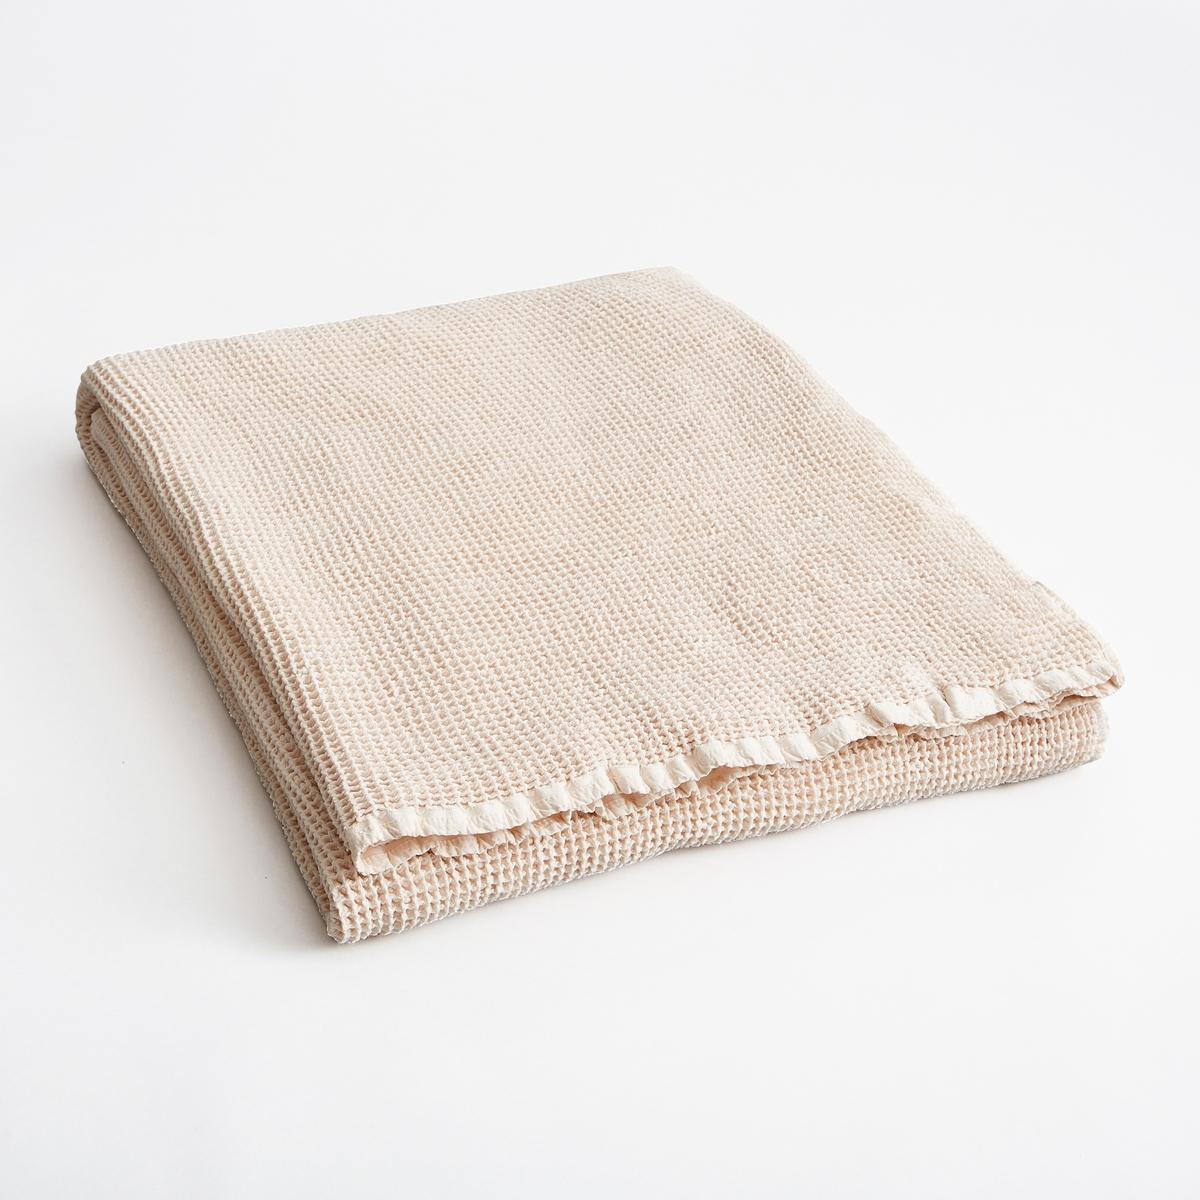 Плед из вафельной ткани NaranjoПлед Naranjo. Мягкий 100% хлопок, красивая вафельная ткань. Кант 1 см. Машинная стирка при 40 °C. Размеры : 180 x 230 см.<br><br>Цвет: бледно-розовый